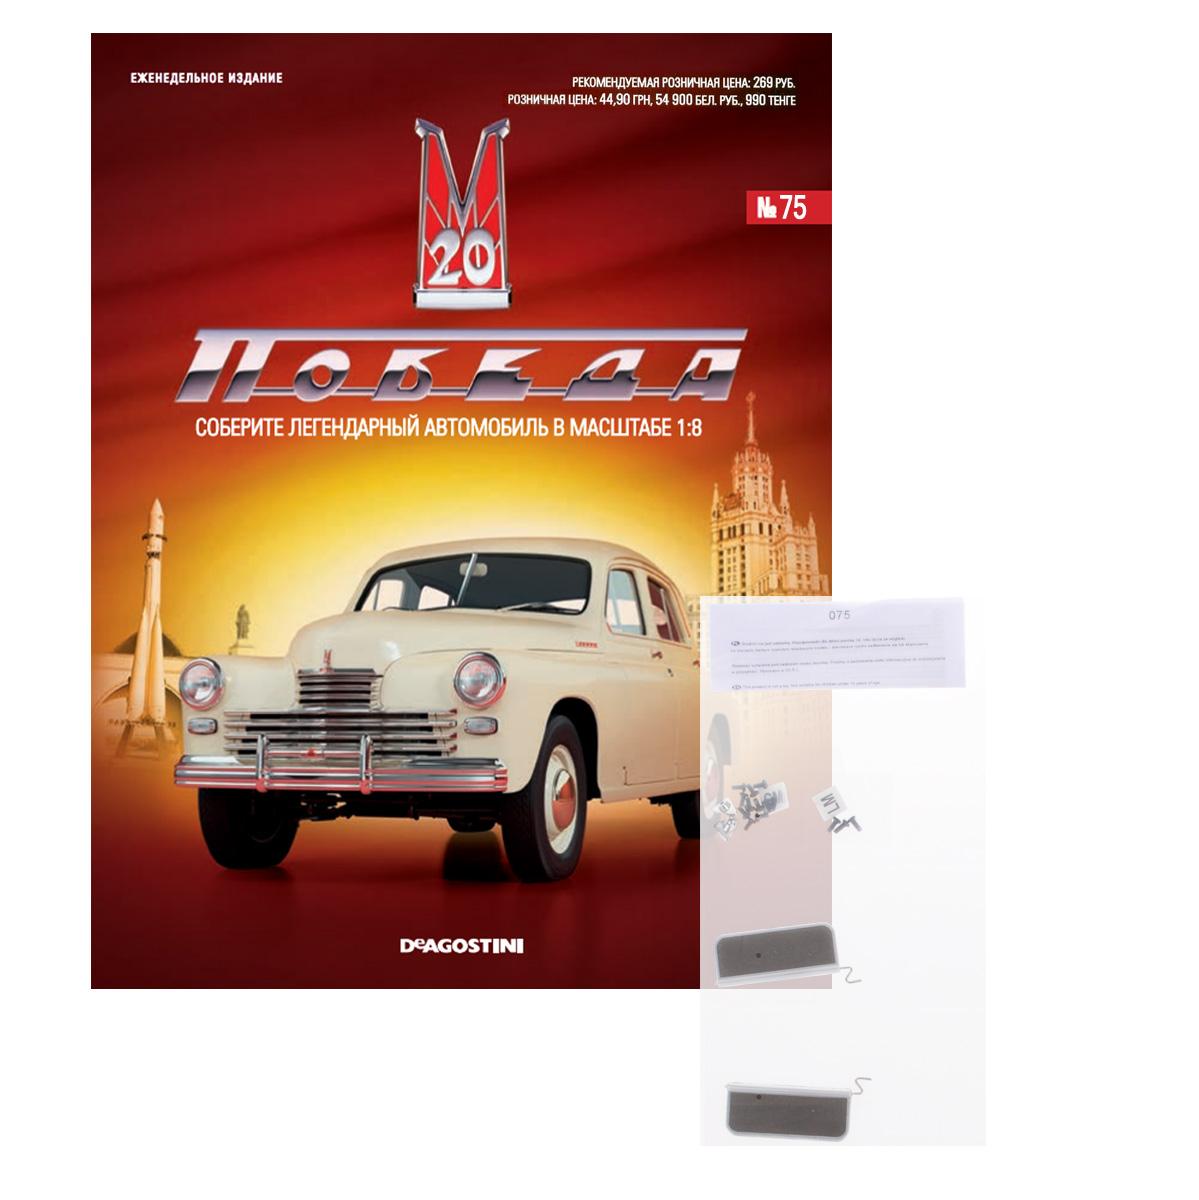 Журнал М20 Победа №75POBEDA075Журнальная серия М20 Победа разработана для поклонников моделизма и истории автомобилестроения. Коллекция включает в себя 100 выпусков еженедельных журналов, в которых публикуются интересные архивные материалы и фотоснимки, информация об важнейших исторических событиях в отечественном автомобилестроении, а также пошаговые инструкции по сборке модели автомобиля ГАЗ М20 Победа. К каждому журналу прилагаются детали для сборки модели этого легендарного автомобиля в масштабе 1/8. Категория 16+.